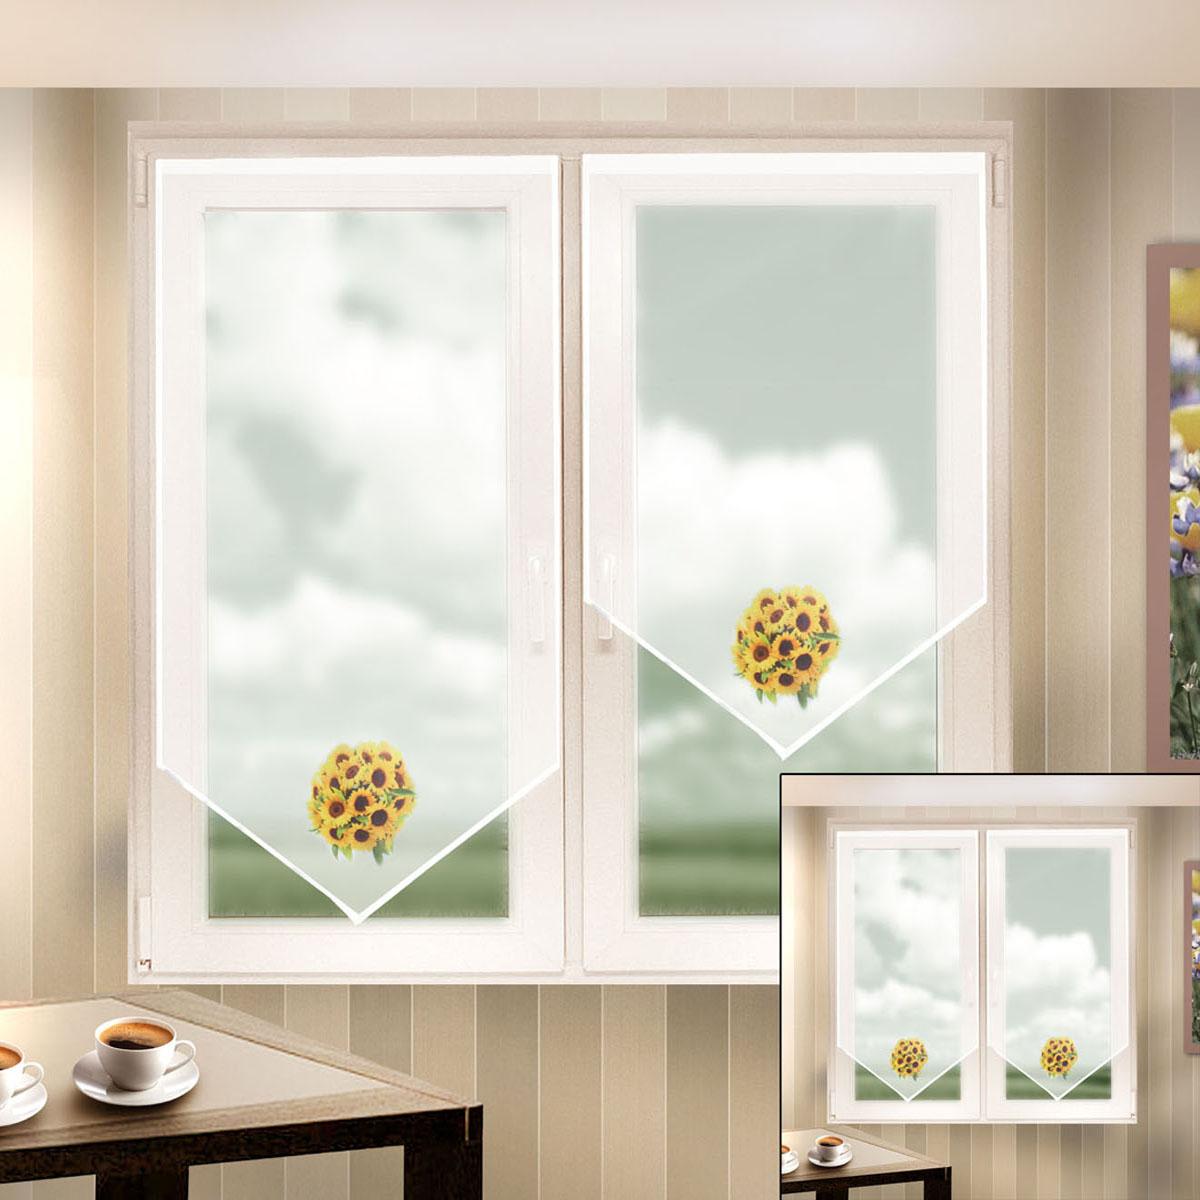 Гардина Zlata Korunka, цвет: белый, высота 140 см. 666058-1666058-1Гардина на липкой ленте Zlata Korunka, изготовленная из легкого полиэстера, станет великолепным украшением любого окна. Полотно из белой вуали с печатным рисунком привлечет к себе внимание и органично впишется в интерьер комнаты. Крепление на липкой ленте, не требующее сверления стен и карниза. Многоразовое и мгновенное крепление.